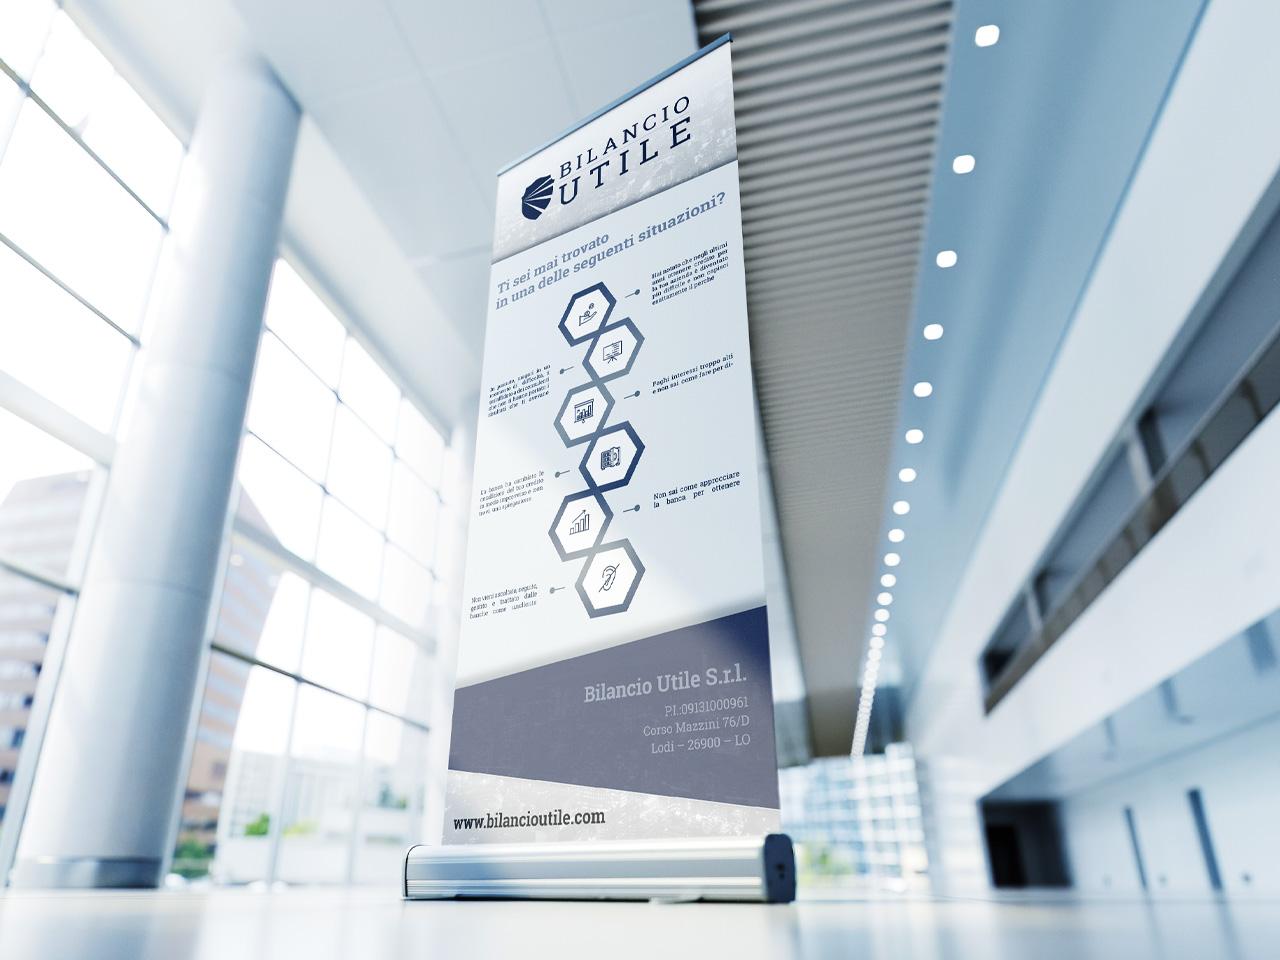 stand promozionale grafica 3d evento bilancioutile